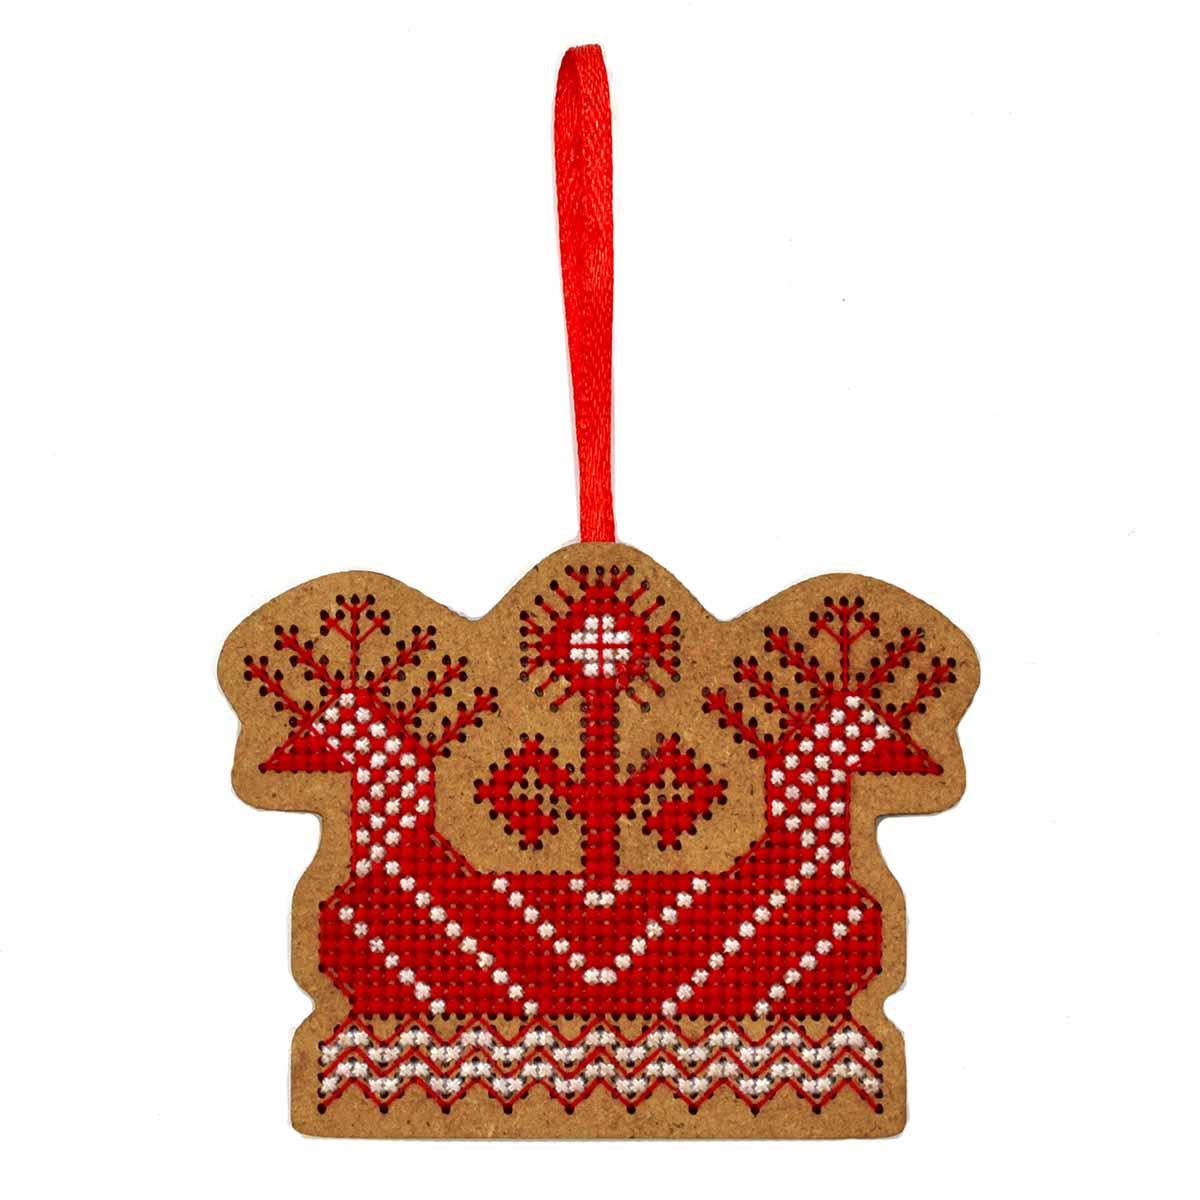 О-110 Набор для вышивания крестом на основе Созвездие 'Солнечная ладья' 6*8 см